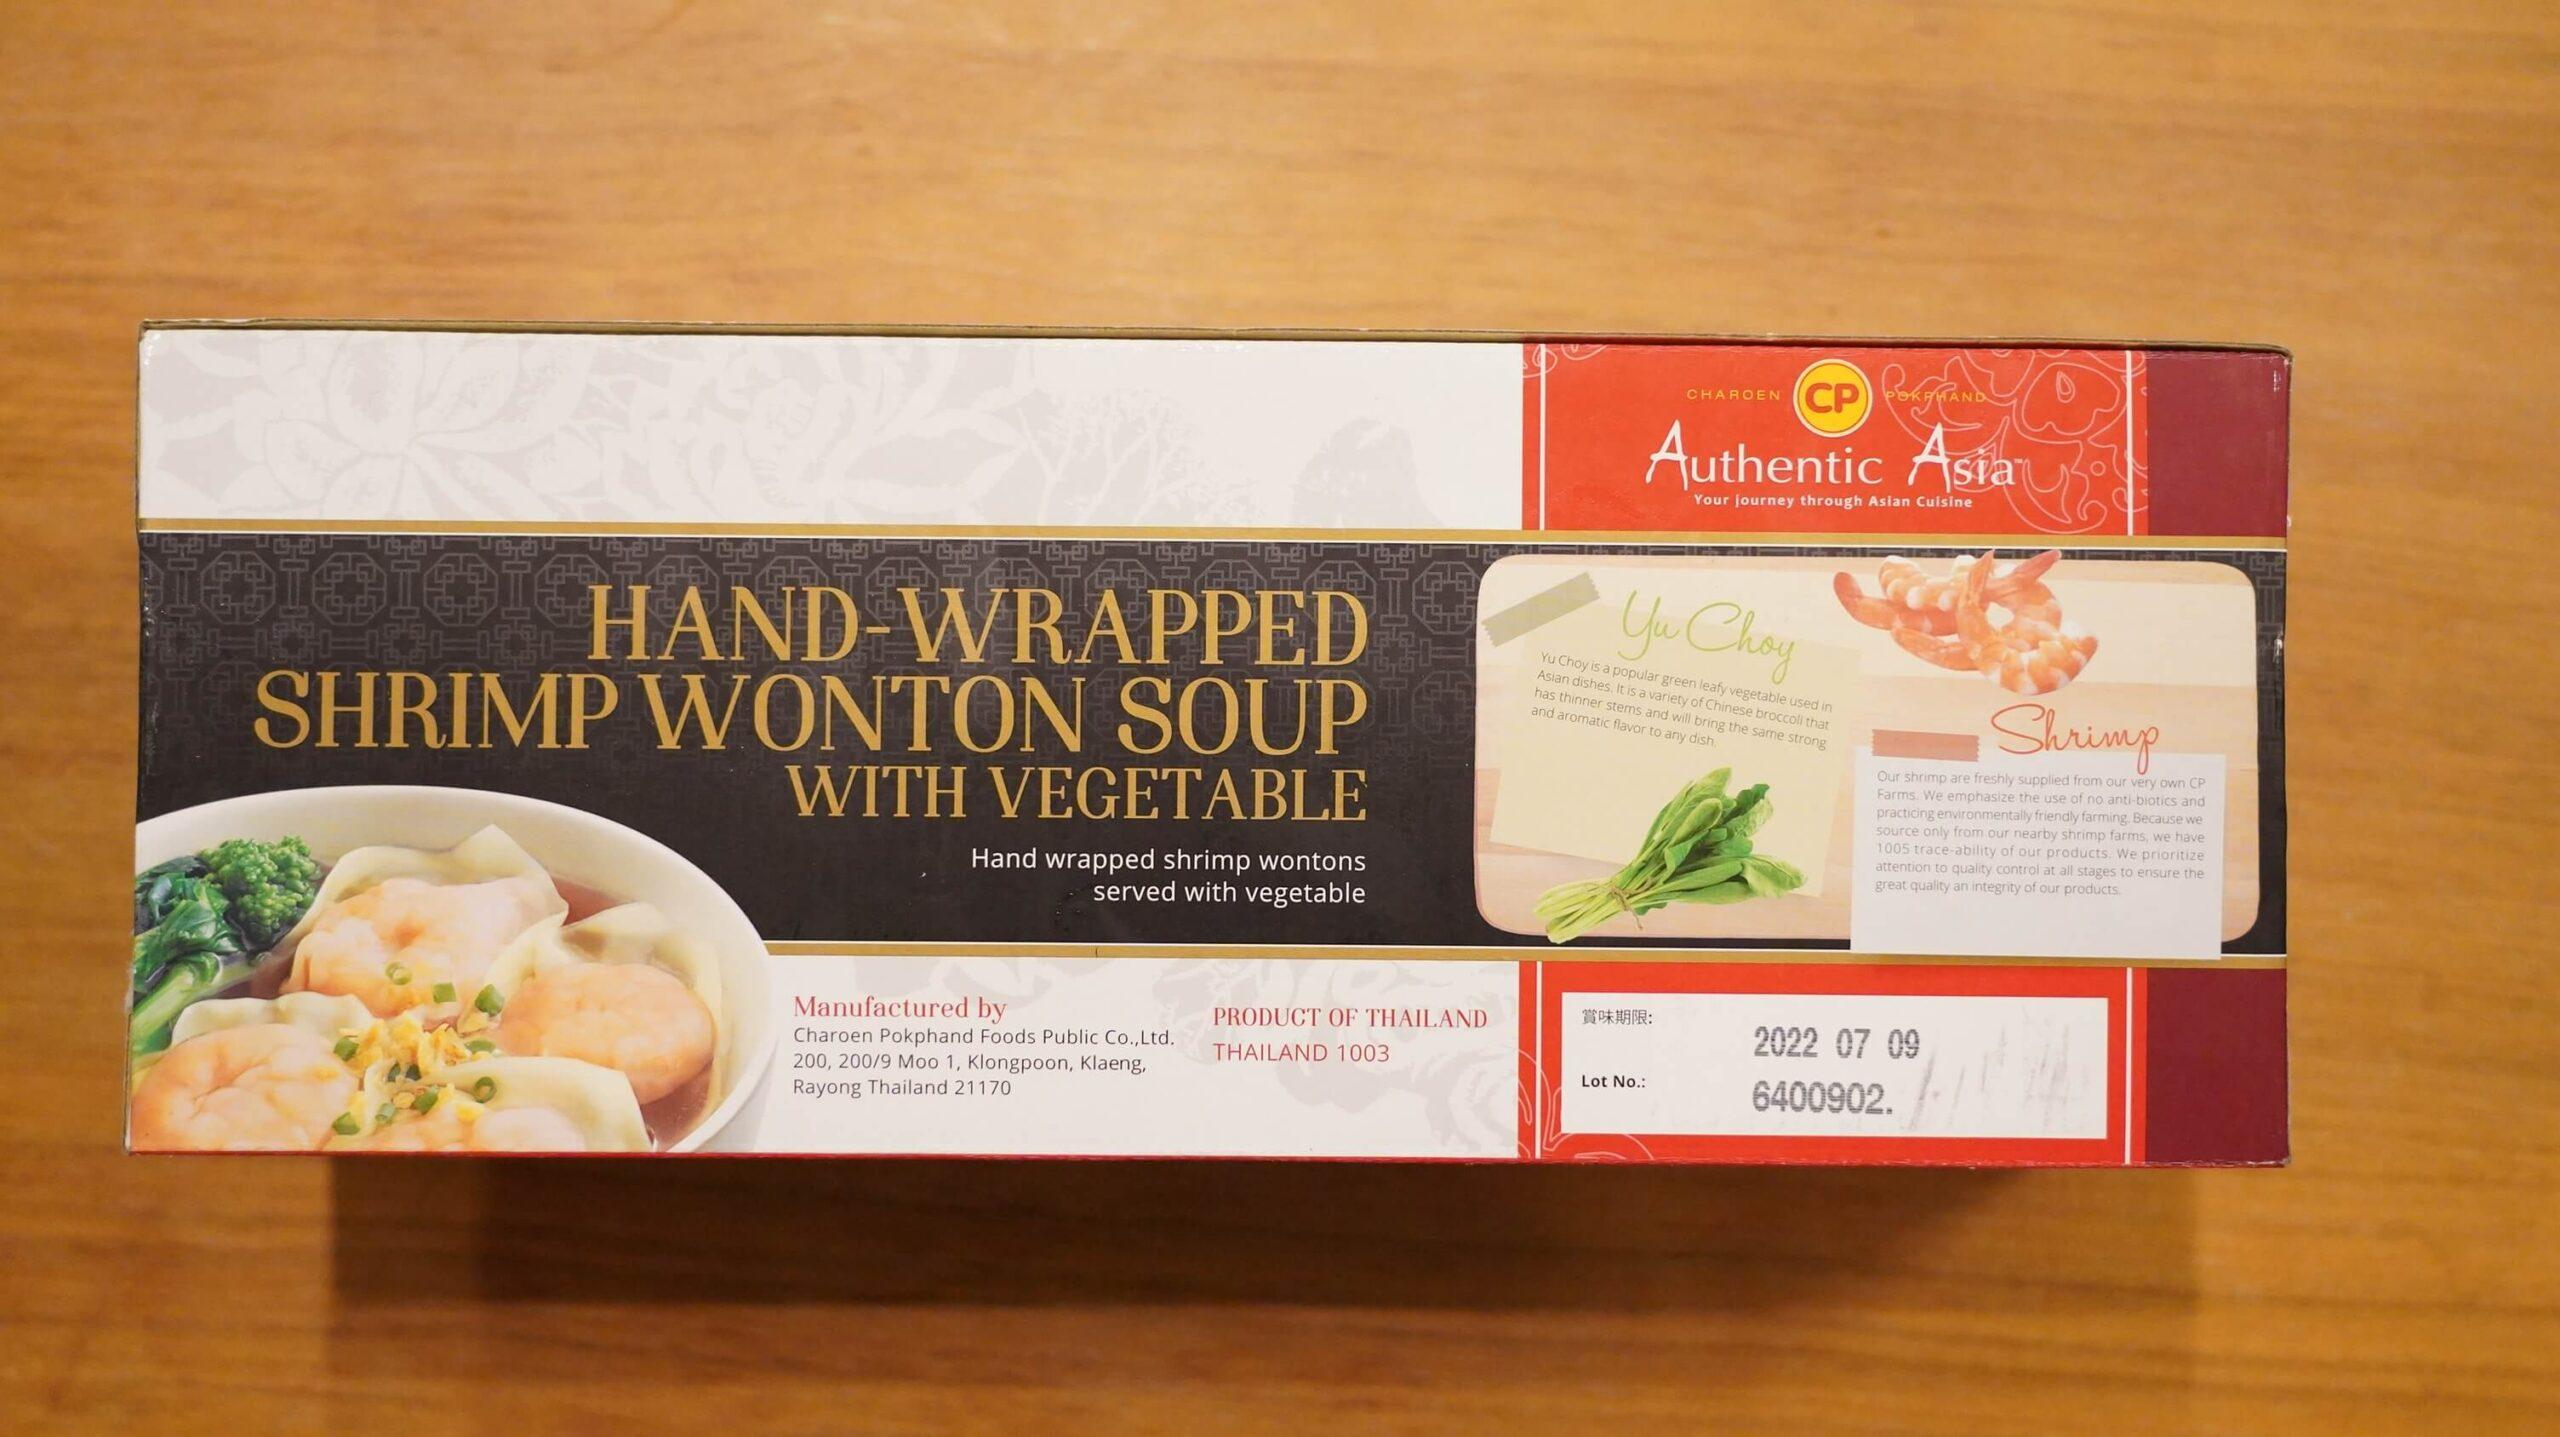 コストコの冷凍食品「海老ワンタンスープ」のパッケージ写真